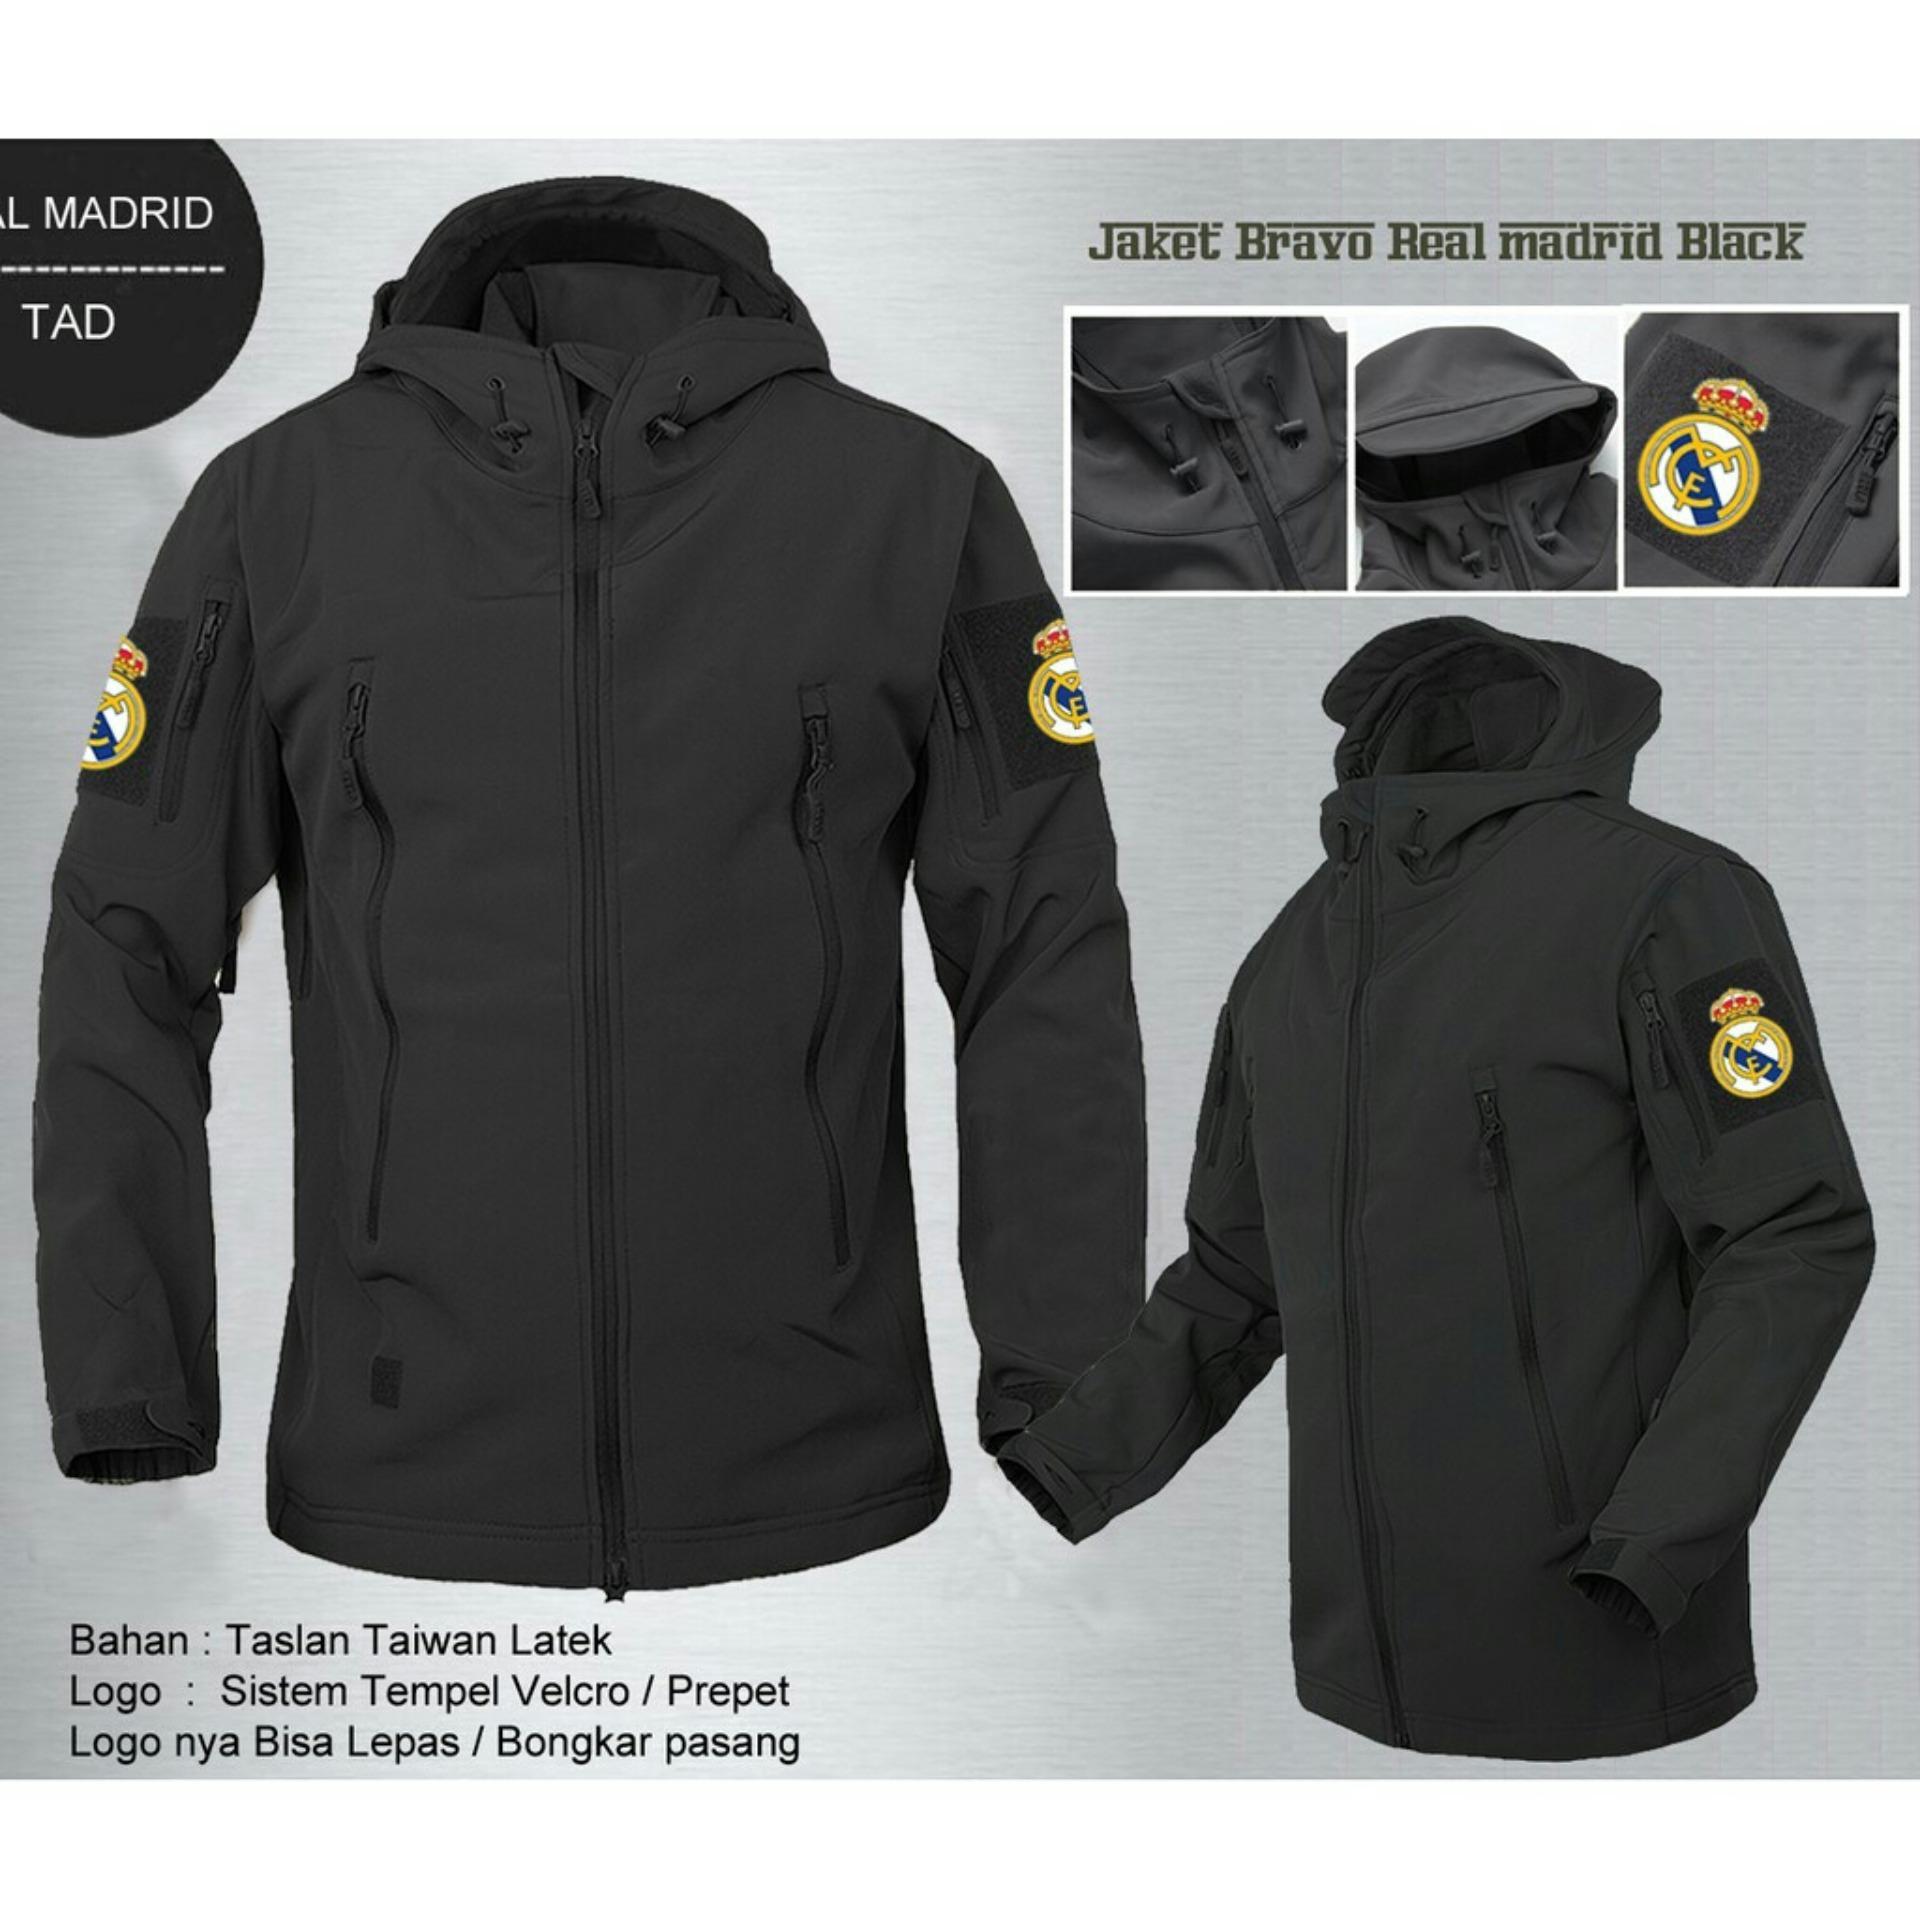 Spek Jaket Tactical Tad Hitam Promo Jaket Murah Trendy Tersedia Logo Garuda Indonesia Dan All Club Bola